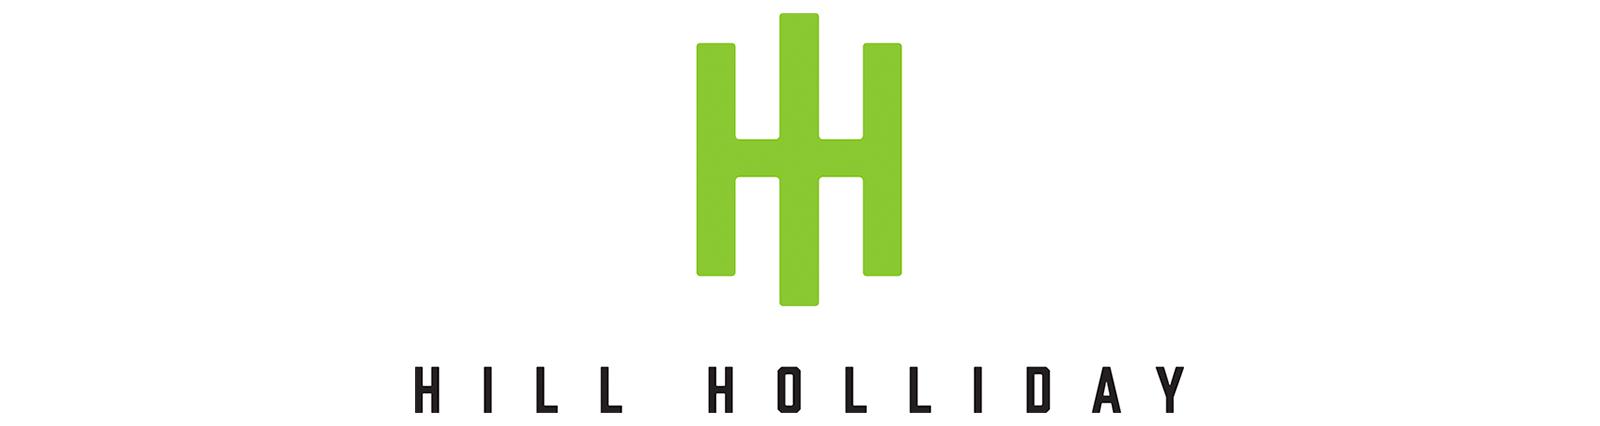 Hill Holiday Hero